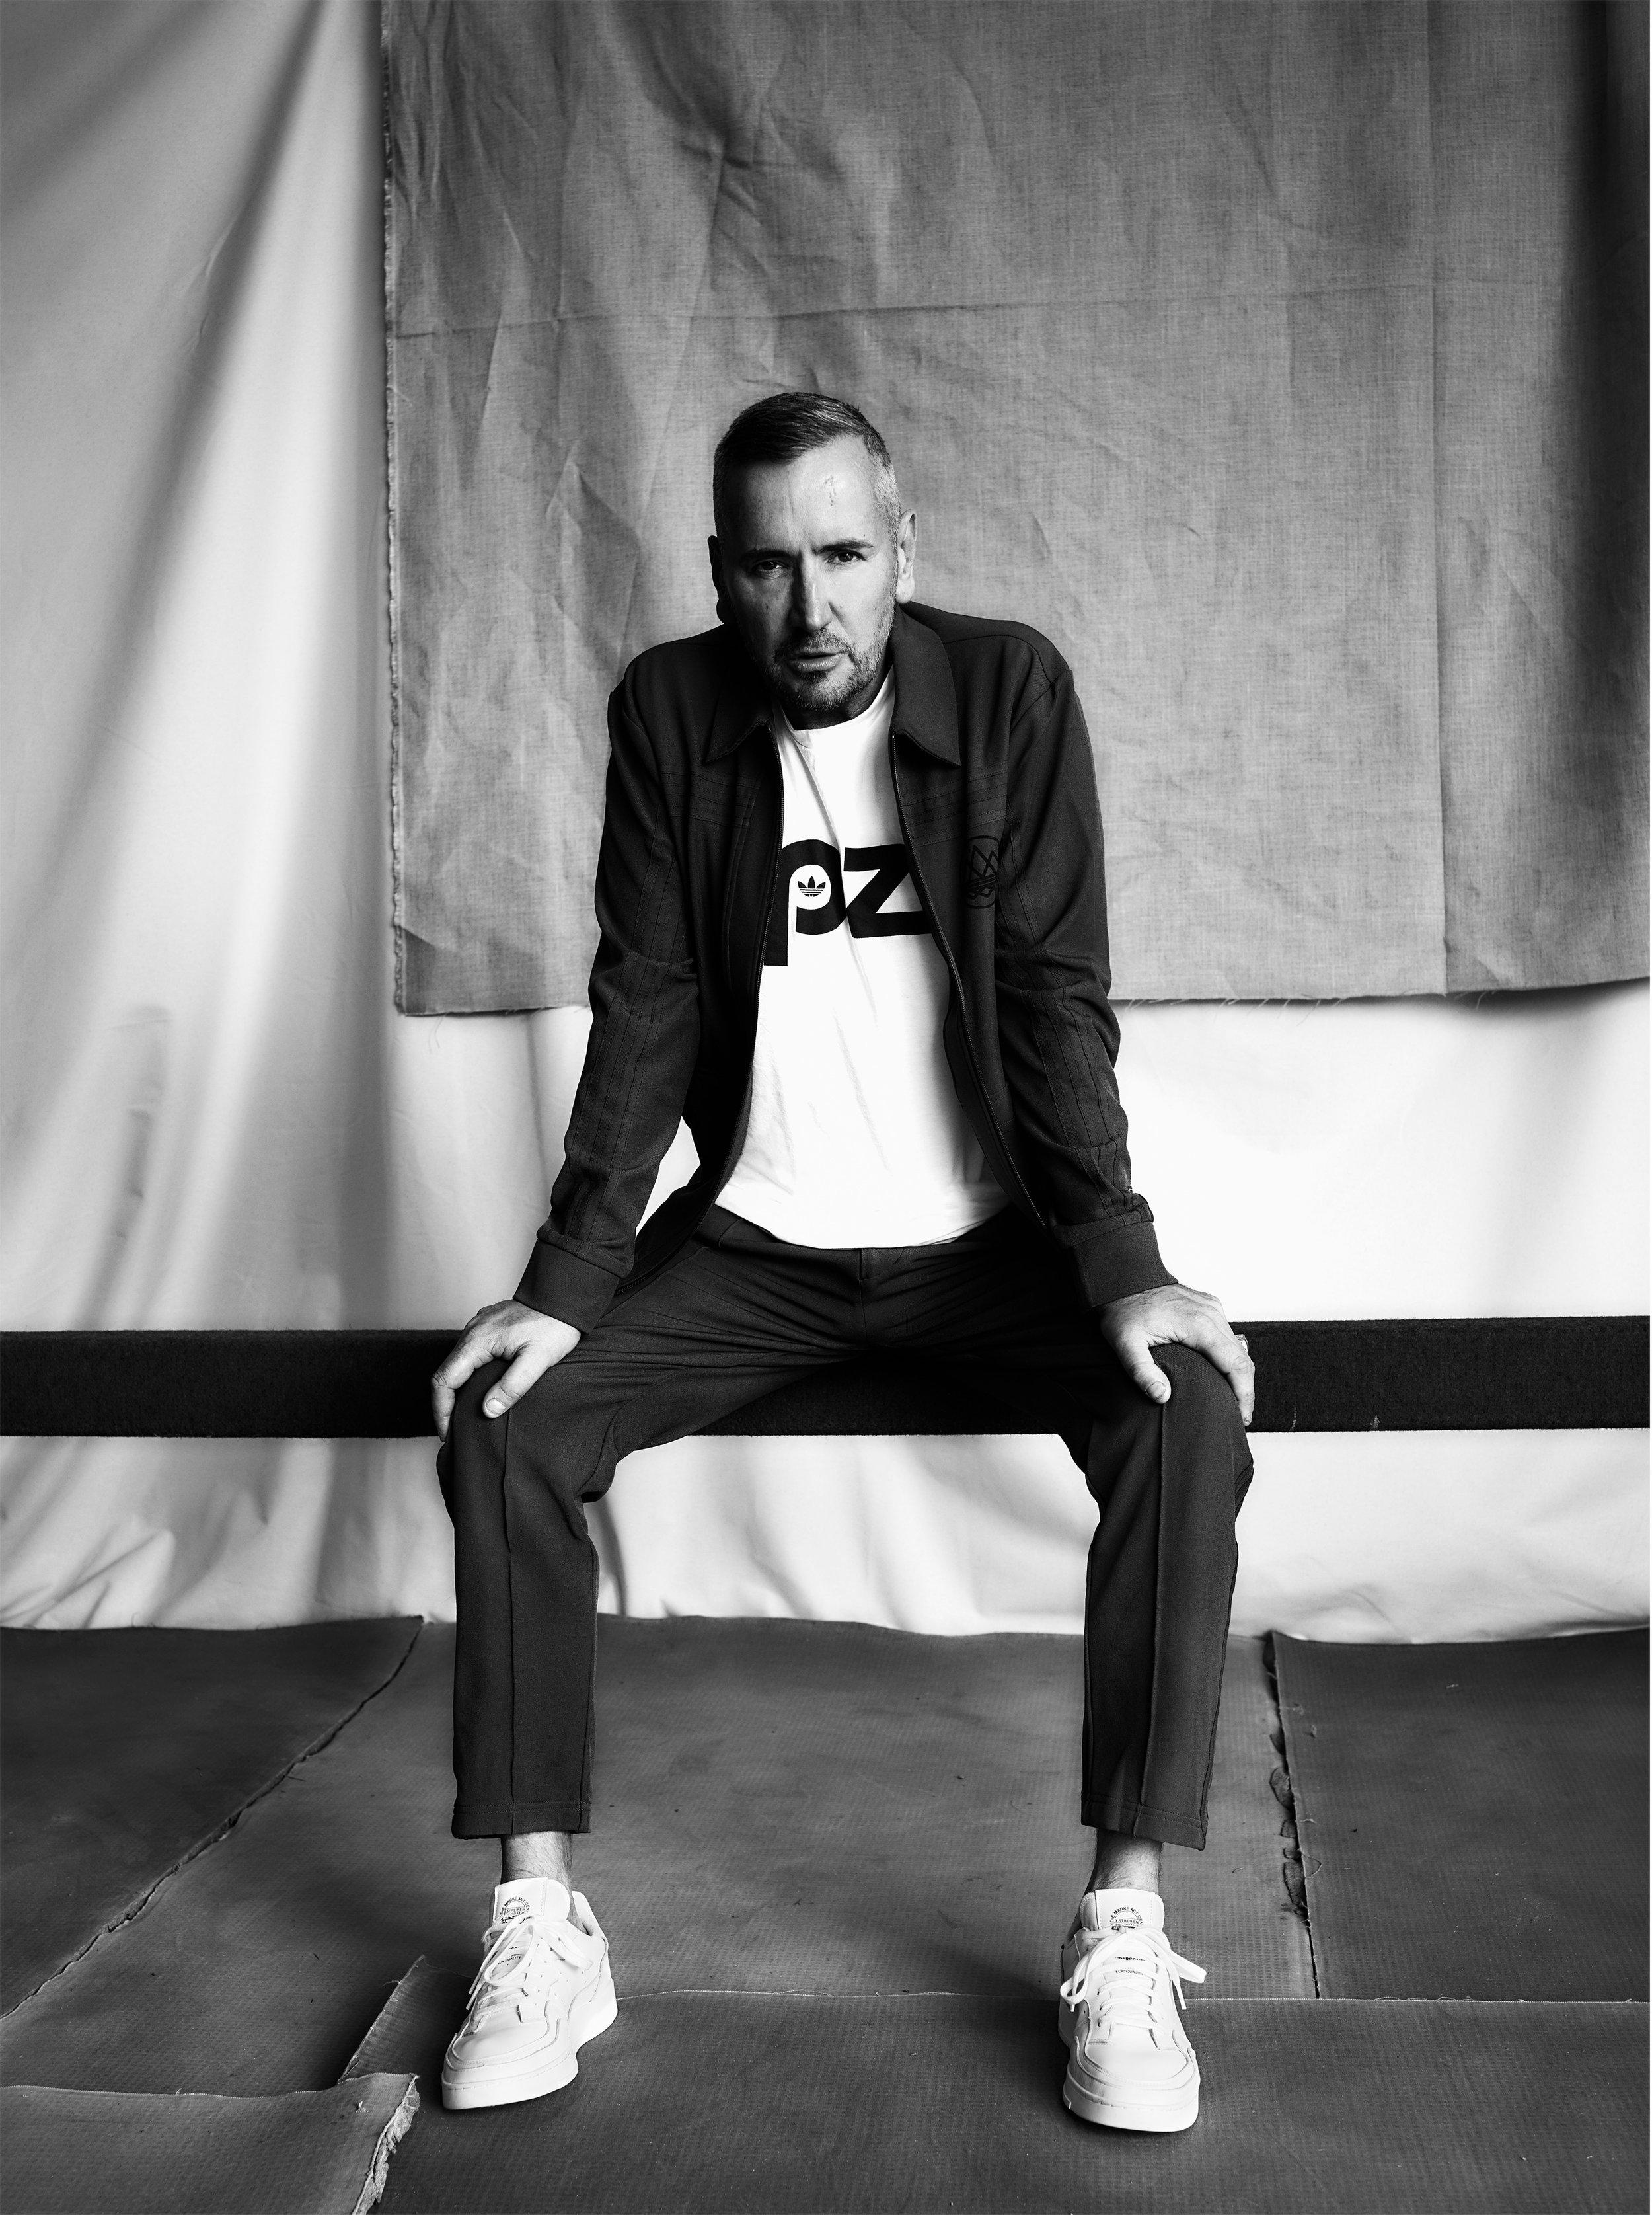 The-Face_X_Adidas_Tony_2_v1.jpg